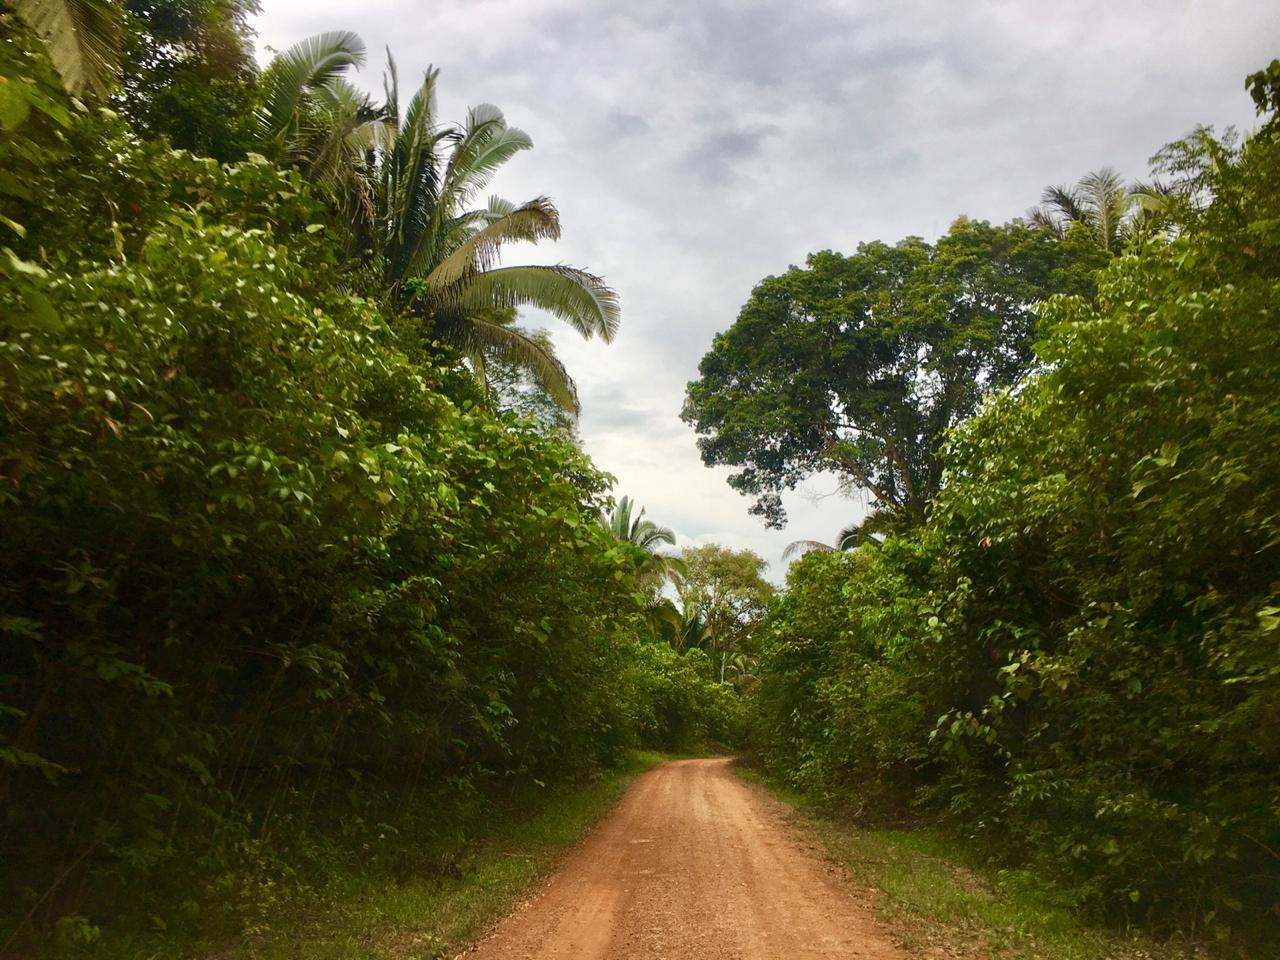 Foto van een verlaten zandweg in de jungle van het Amazonegebied